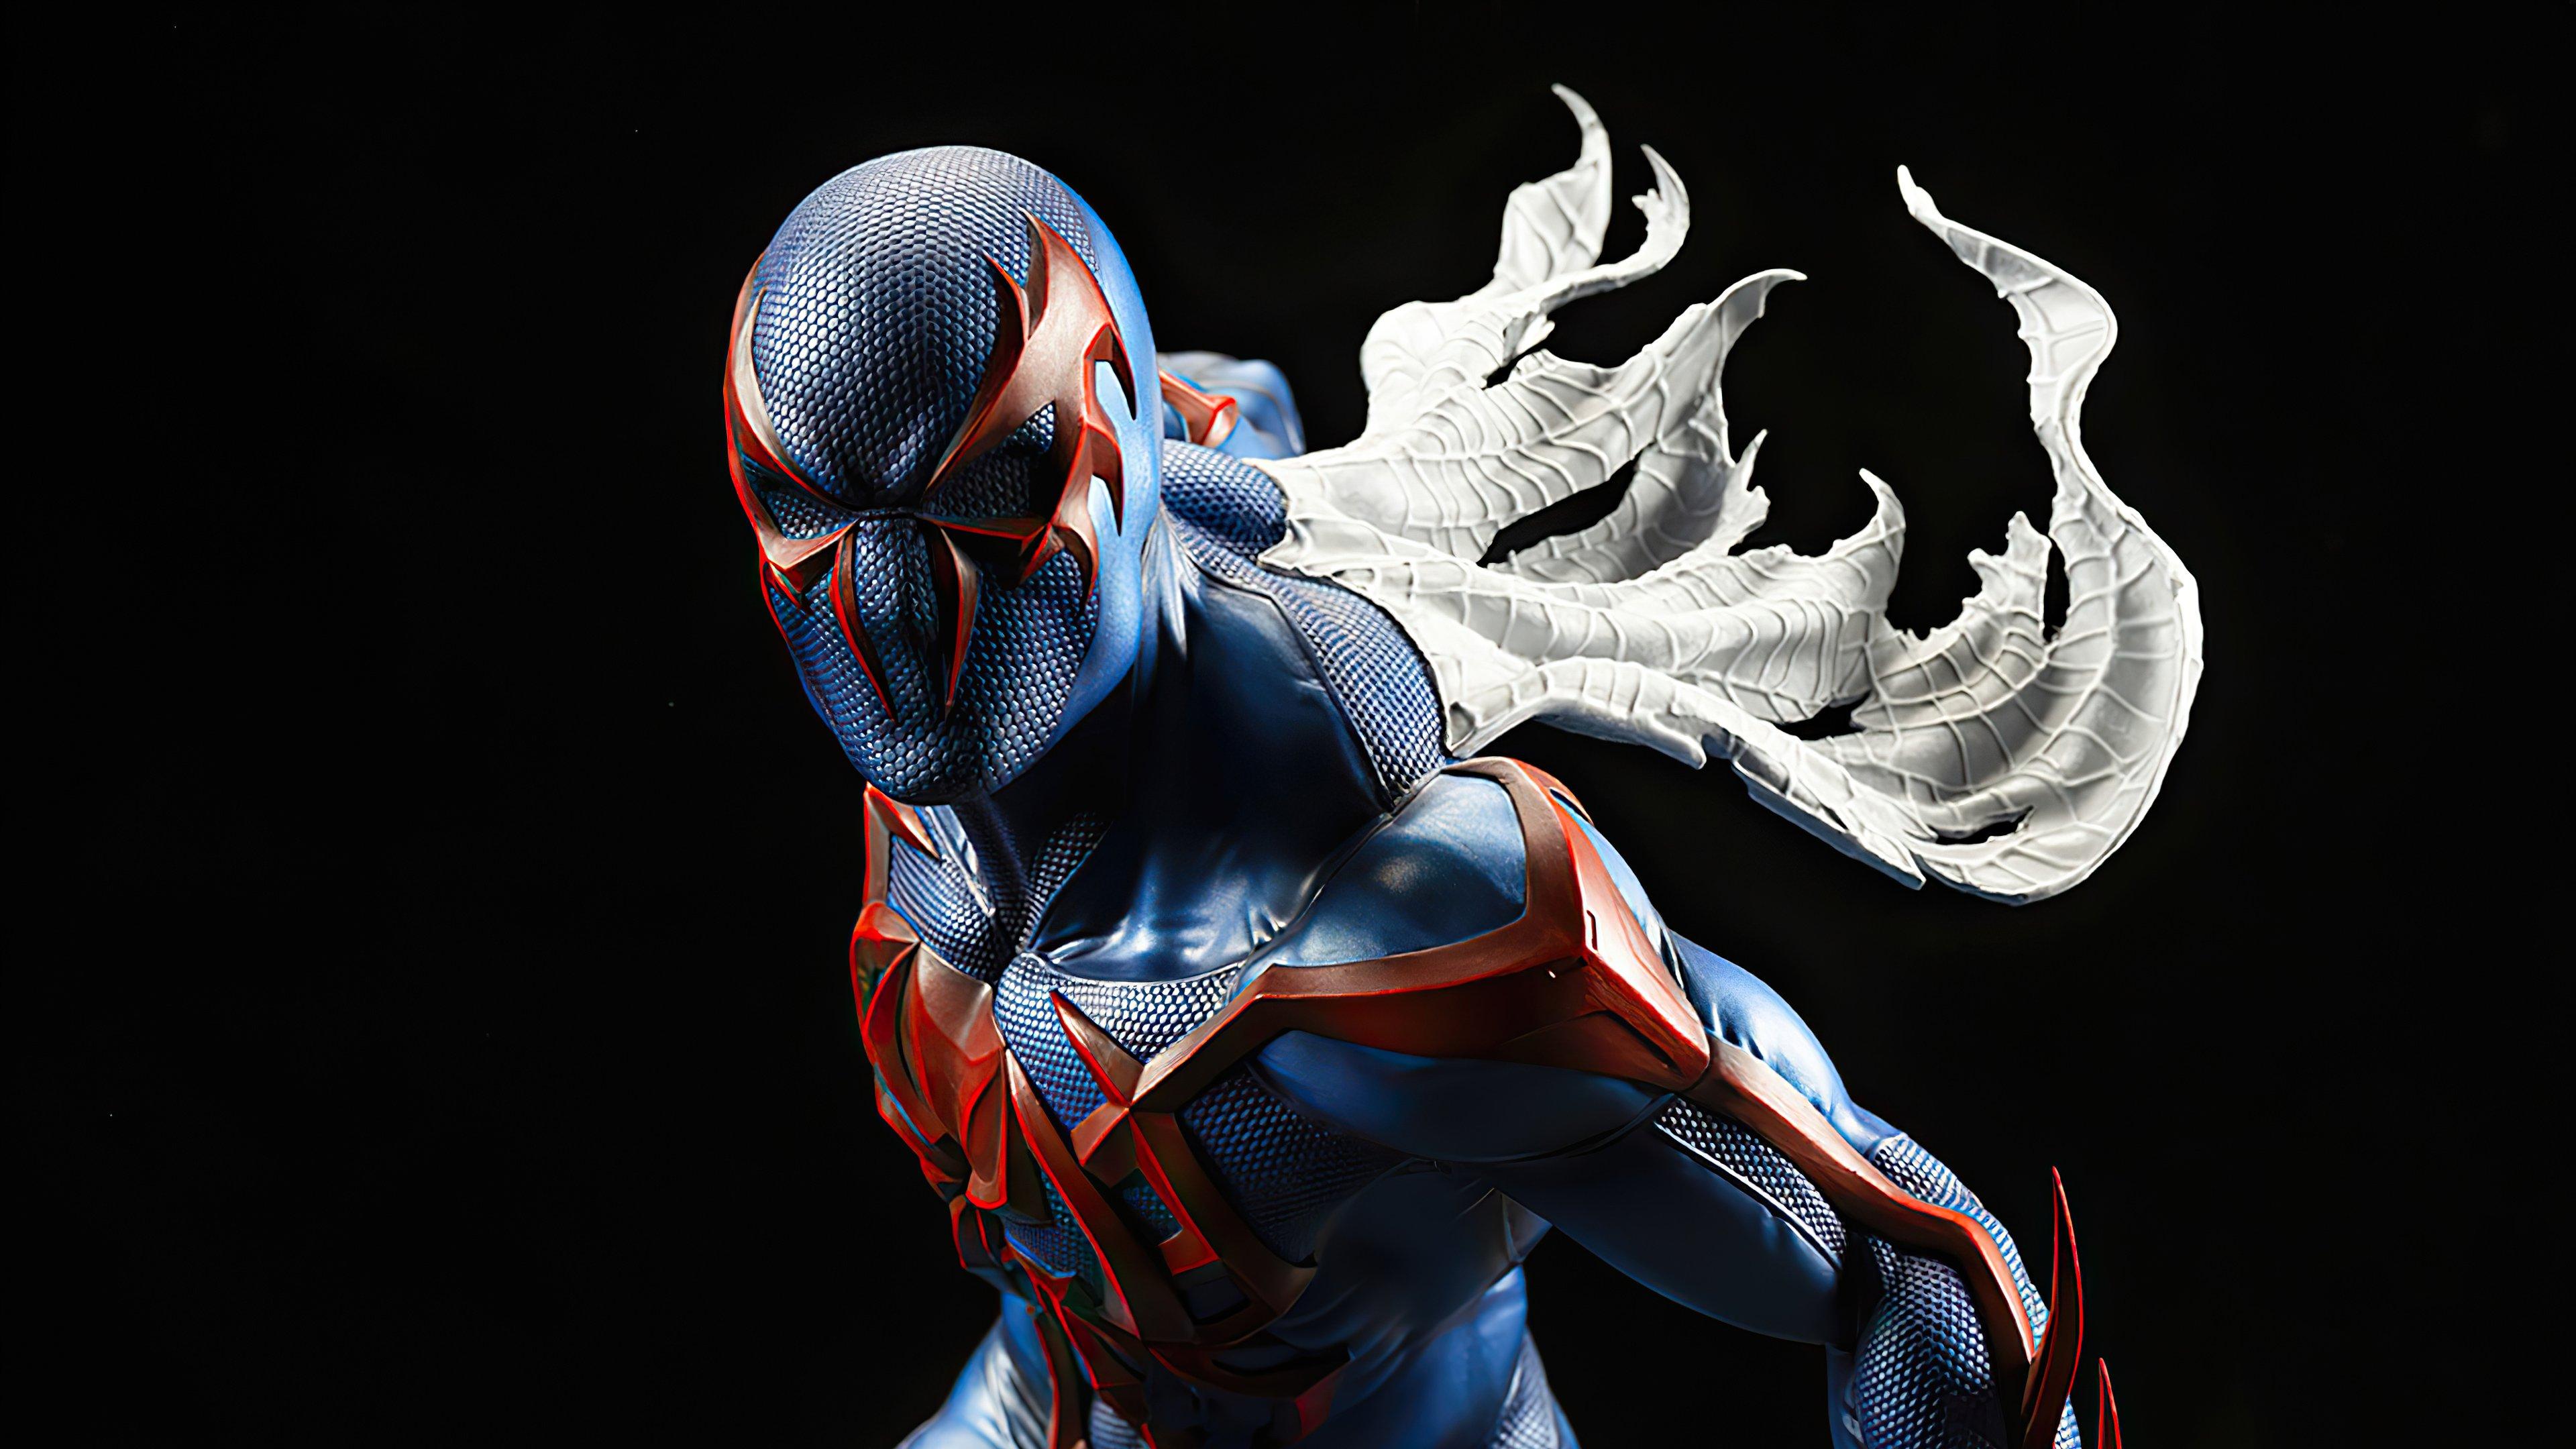 Fondos de pantalla El hombre araña 2099 3X